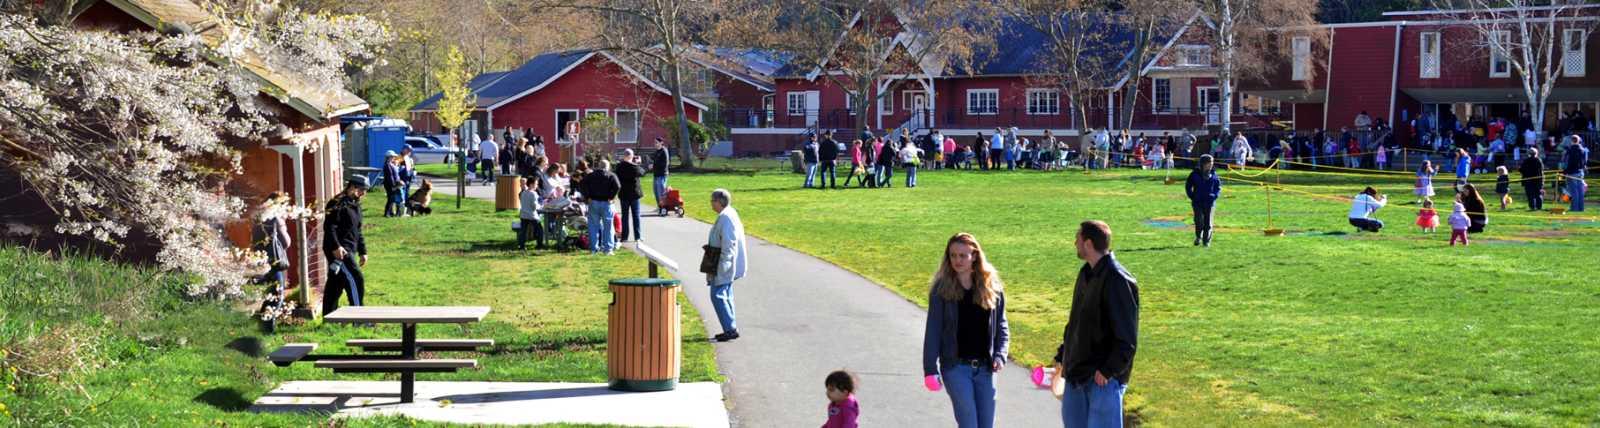 Beach Park Event Center